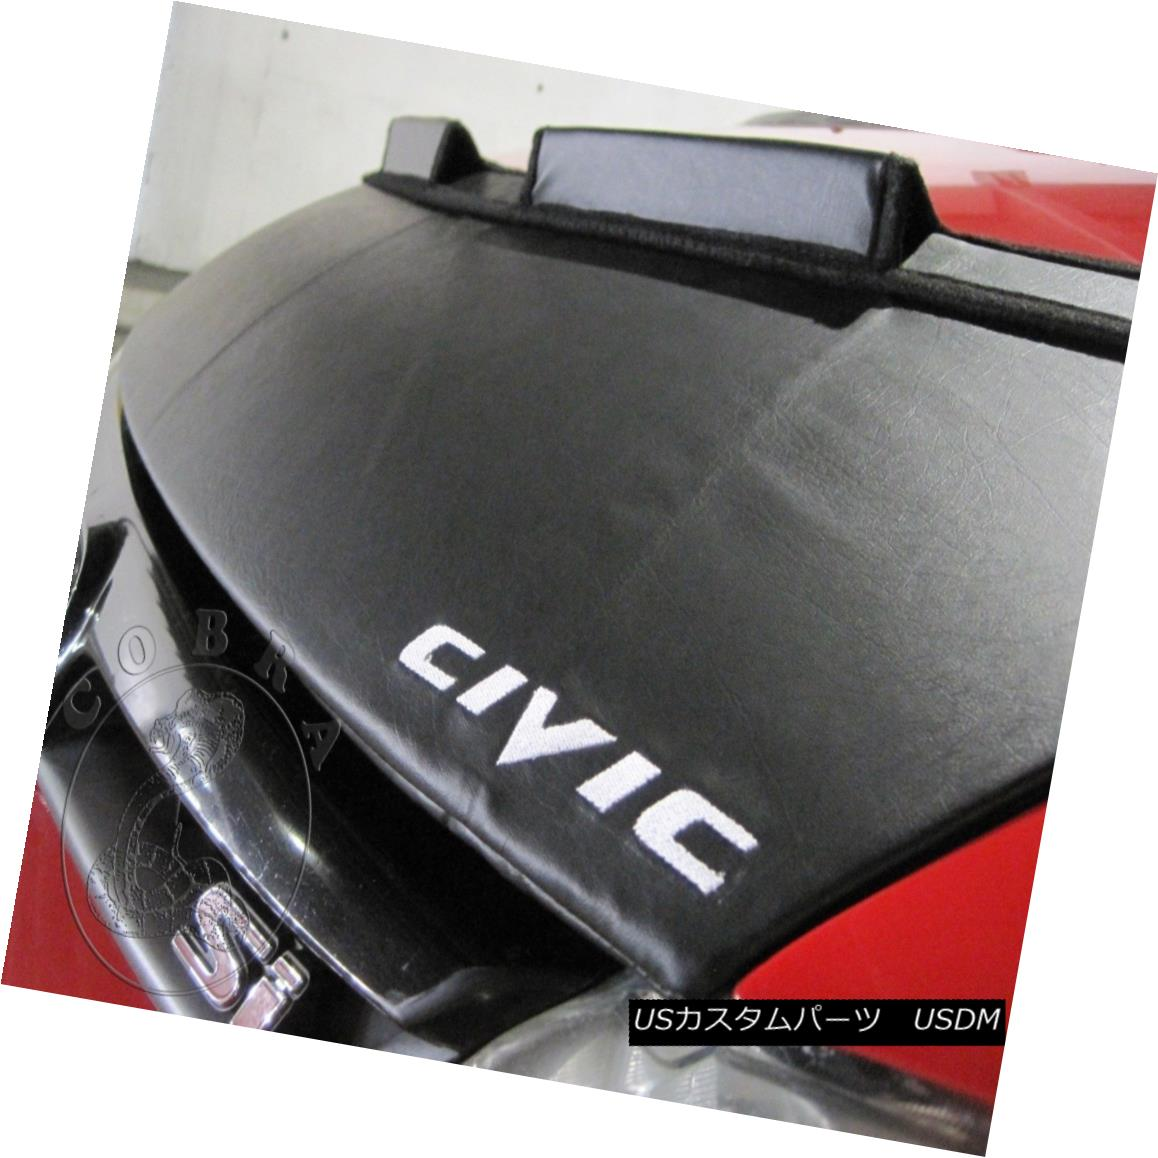 フルブラ ノーズブラ Car Bonnet Mask Hood Bra + LOGO Fits Honda Civic Sedan 06 07 08 09 2010 2011 カーボンネットマスクフードブラジャー+ロゴフィットホンダシビックセダン06 07 08 09 2010 2011